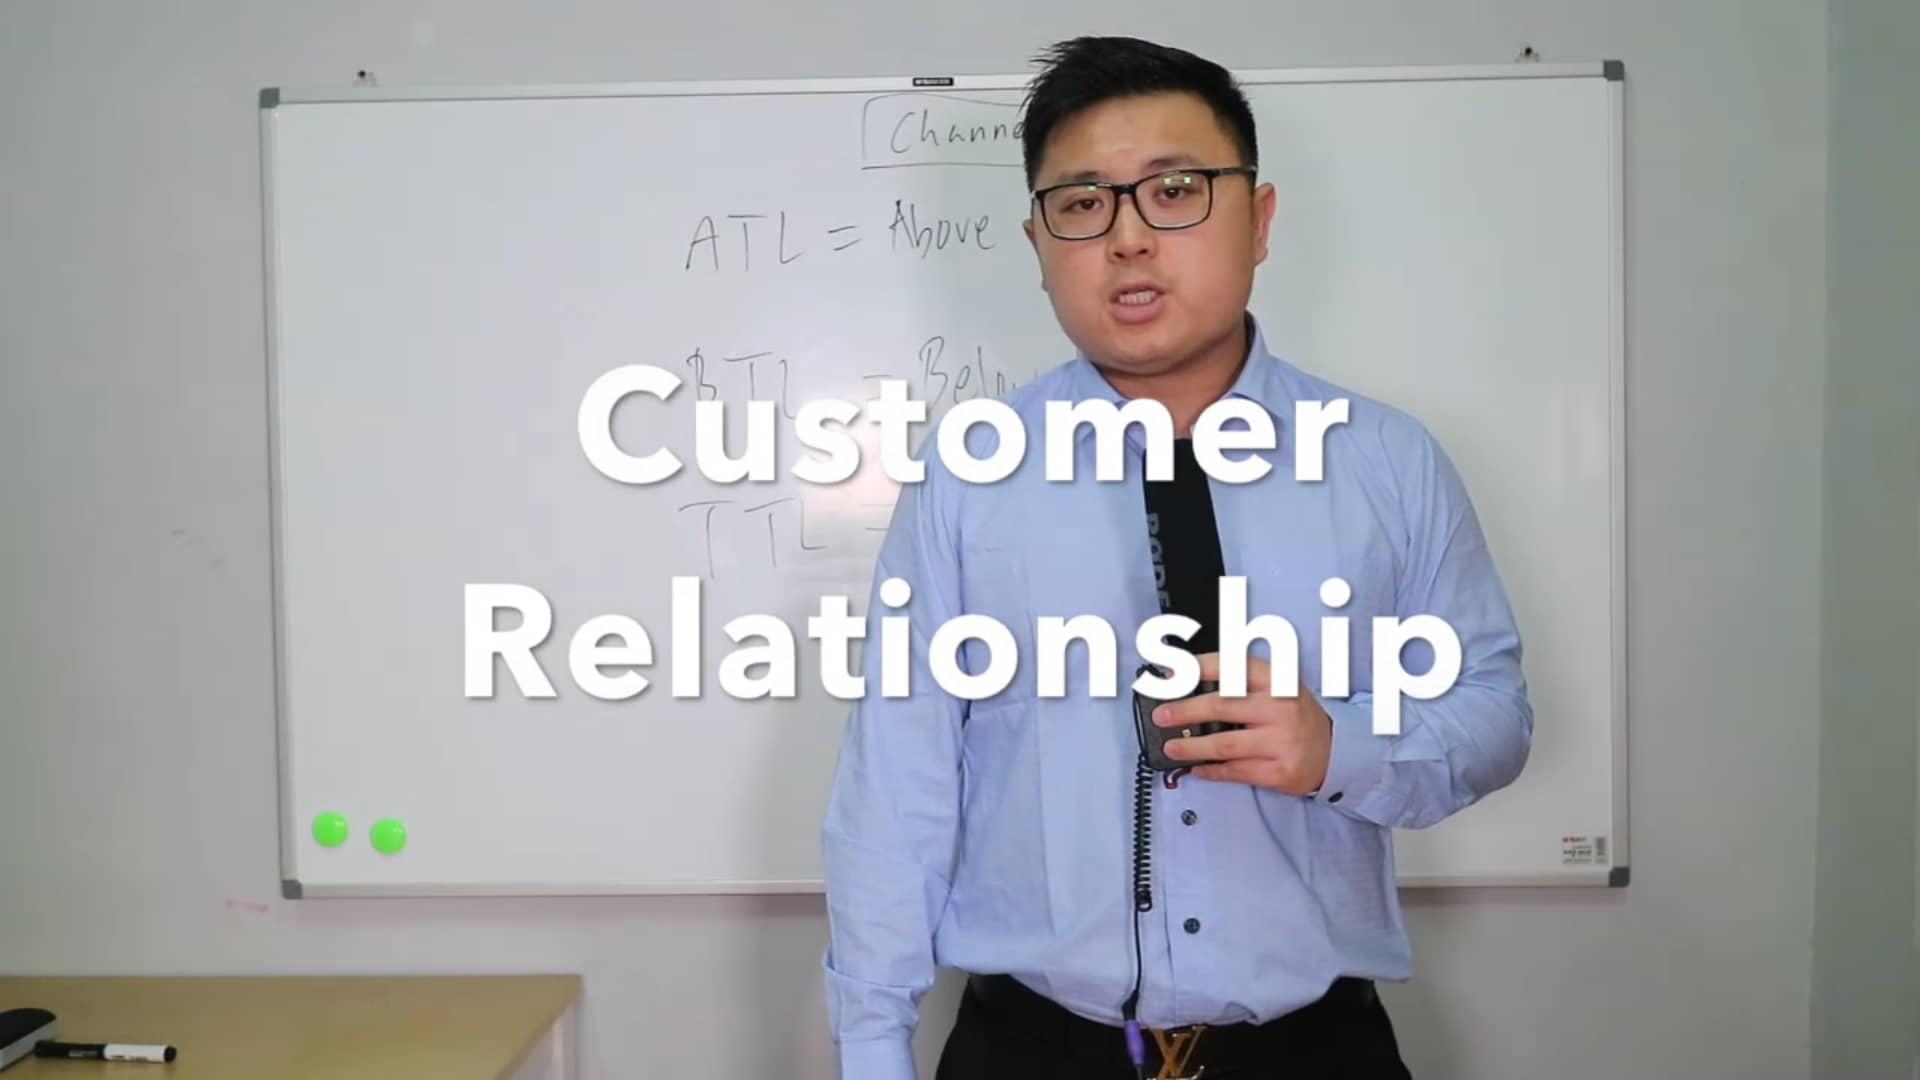 7. customer relationship - Toe Tet